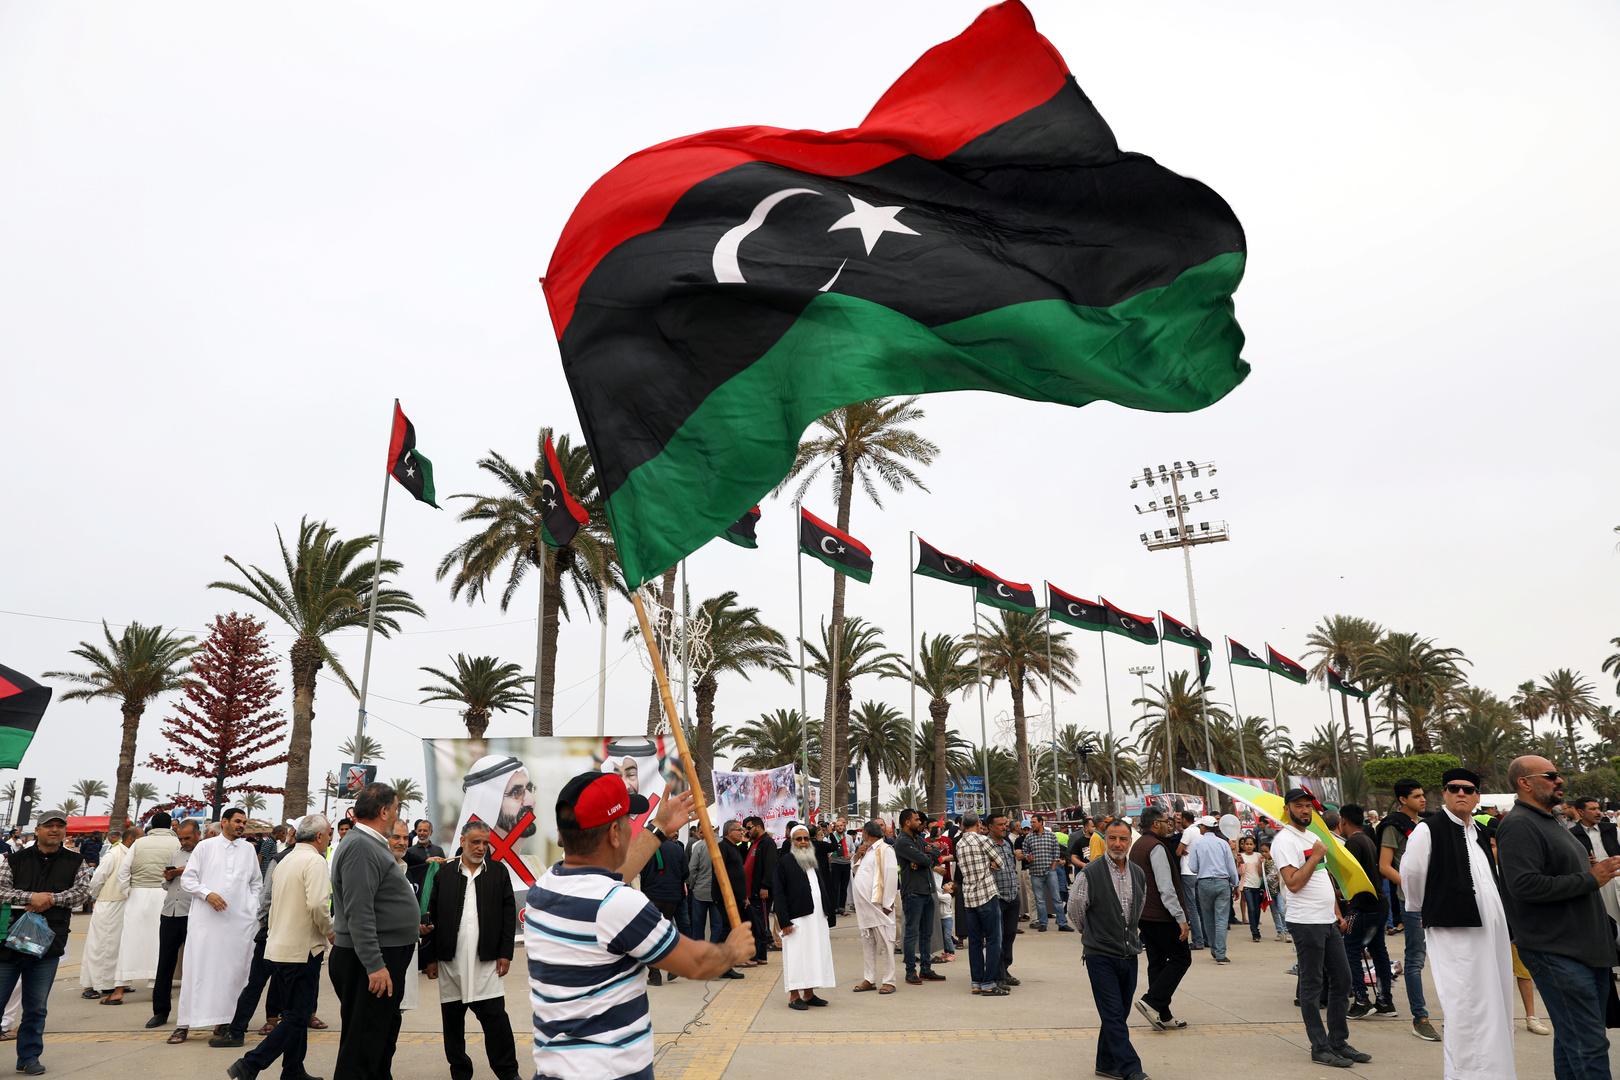 ليبيا.. قرار بمنع سفر 6 مسؤولين من الحكومة المؤقتة السابقة